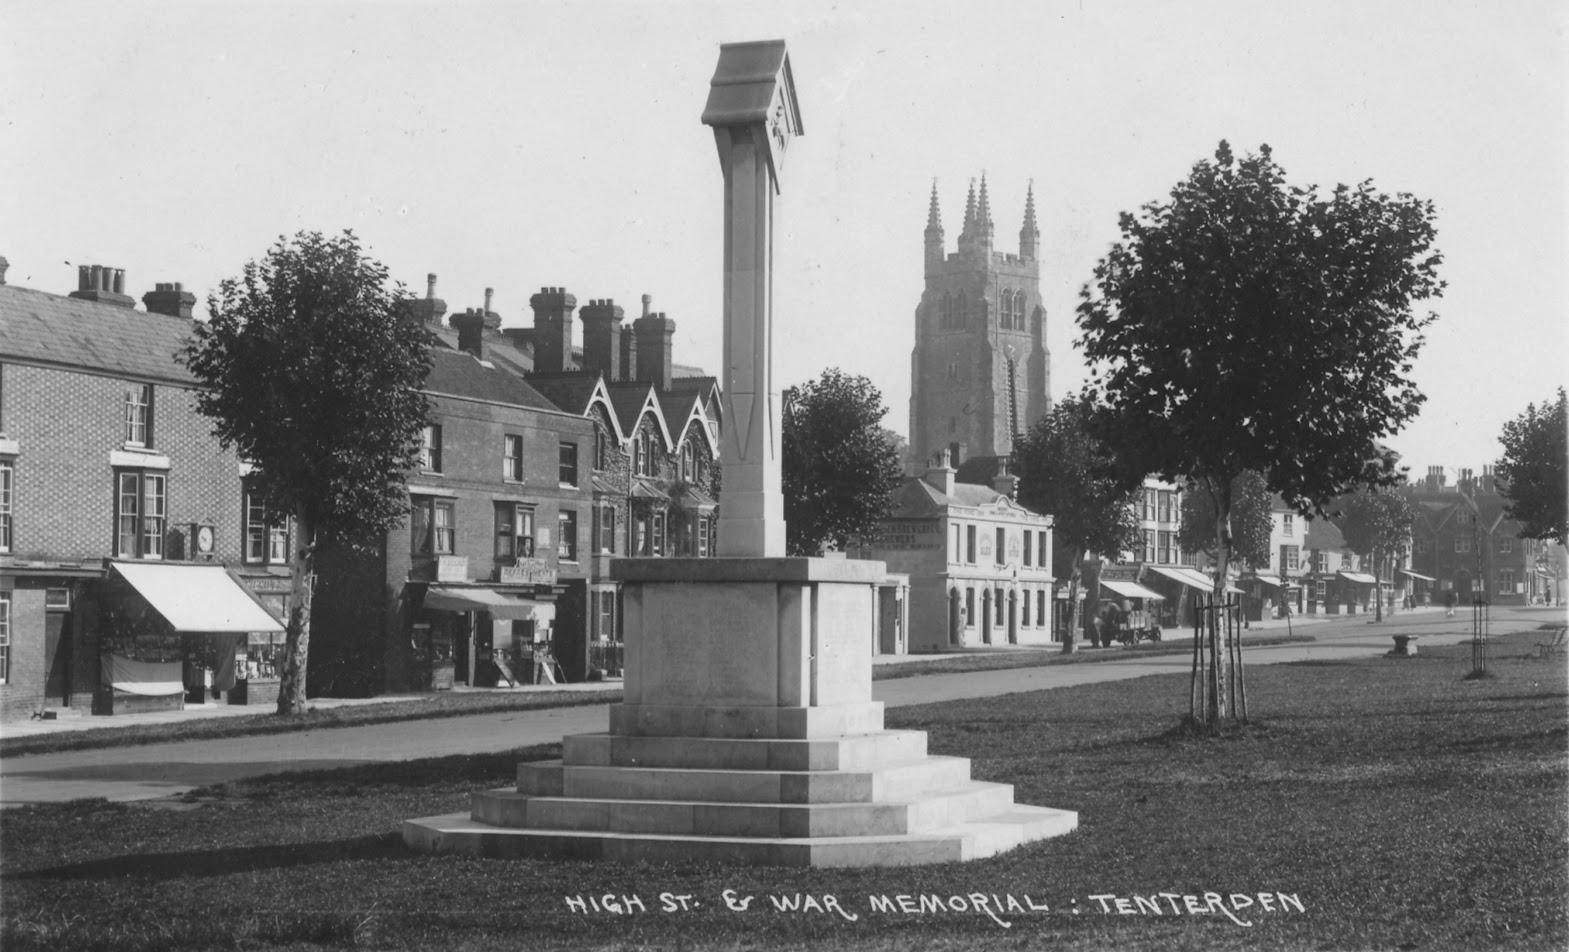 Tenterden Archive photos Lower High Street – War Memorial